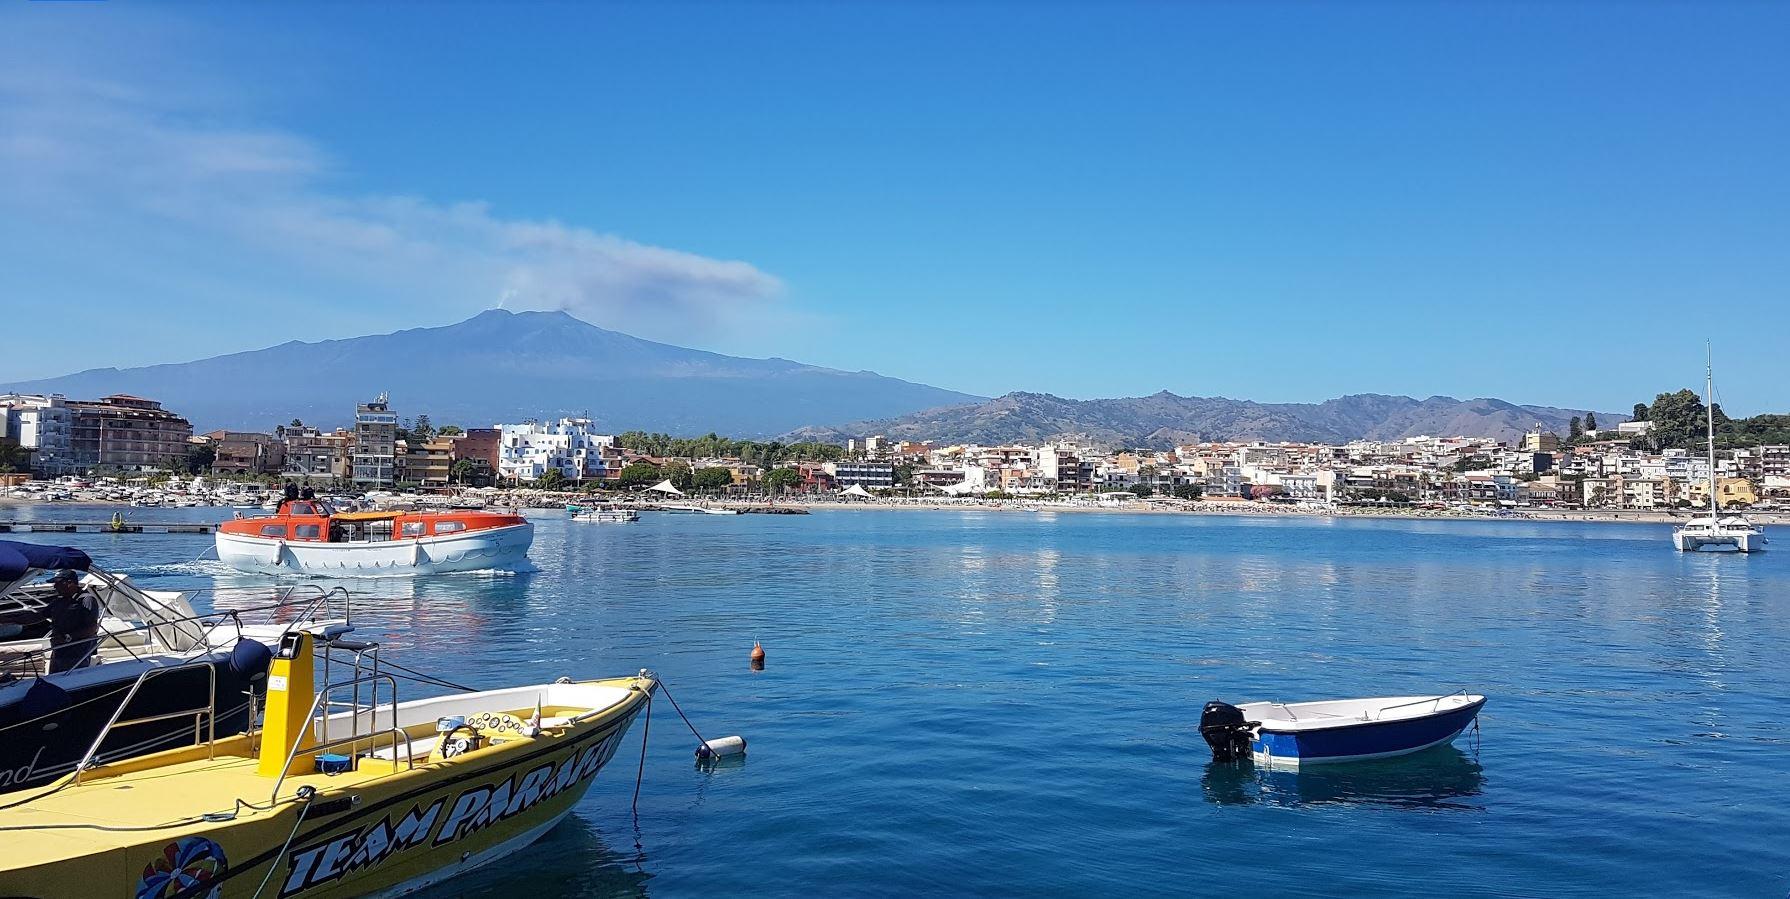 giardini-naxos Taormina's near city